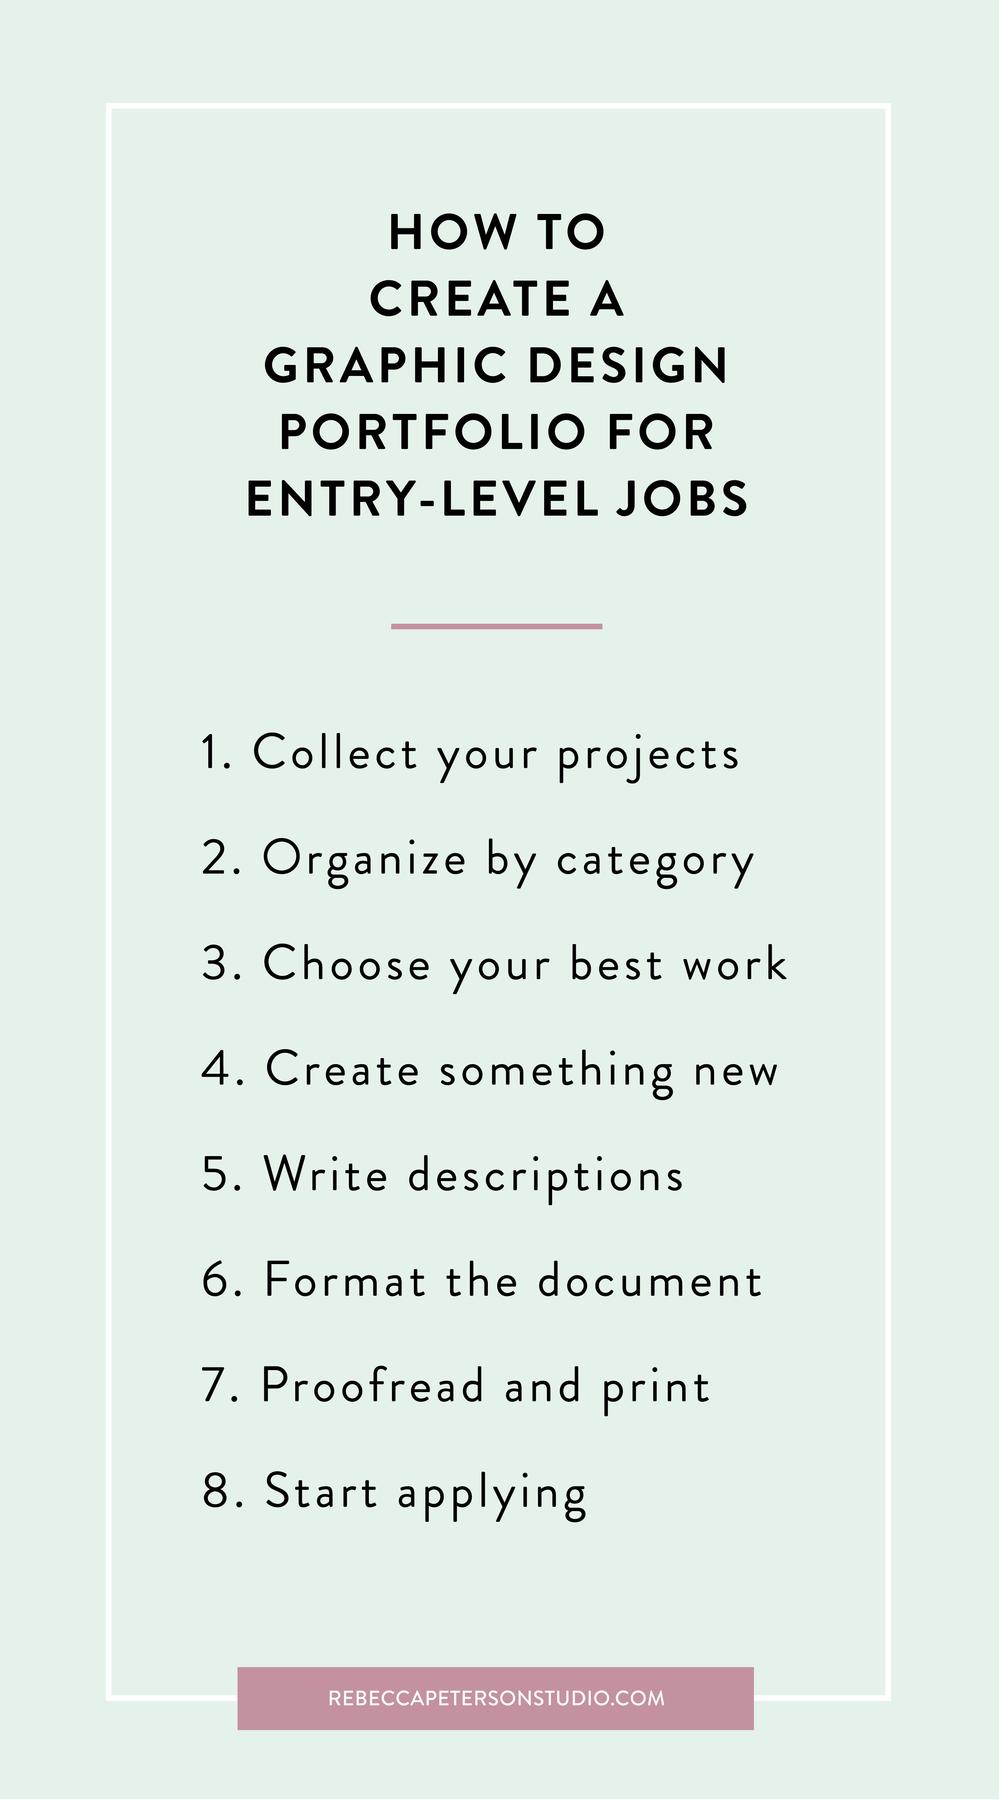 RPS_Graphic-Design-Portfolio_Blog_Images_Graphic-Design-Portfolio_Tips_Vertical-04.png